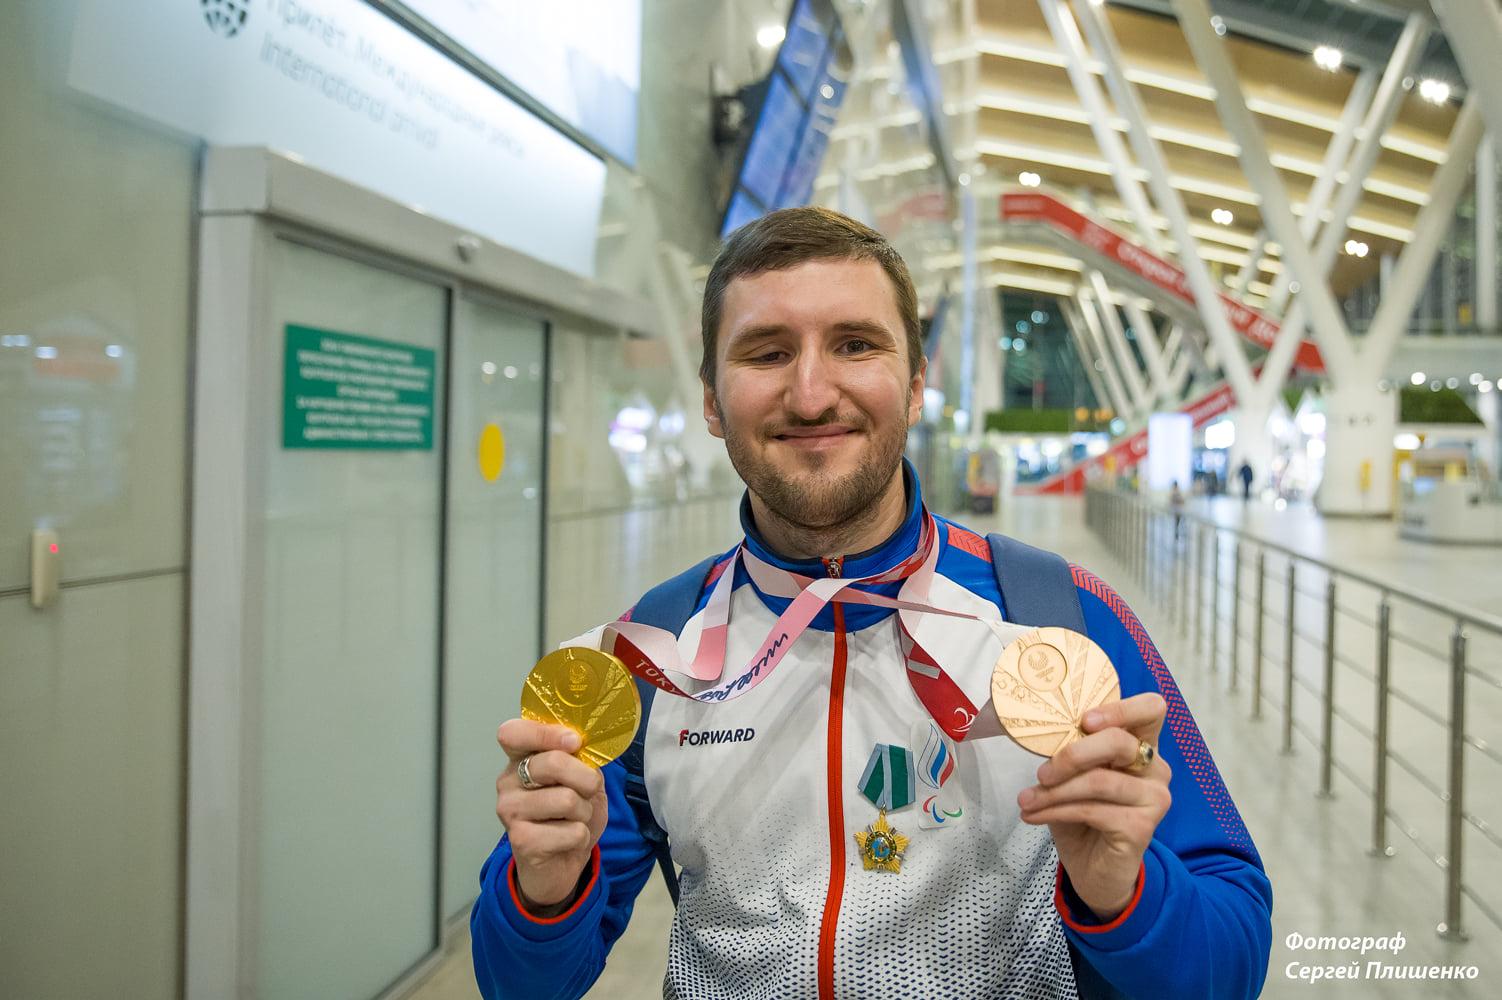 Александр Скалиух: «Для спортсмена нет ничего важнее Олимпиады»